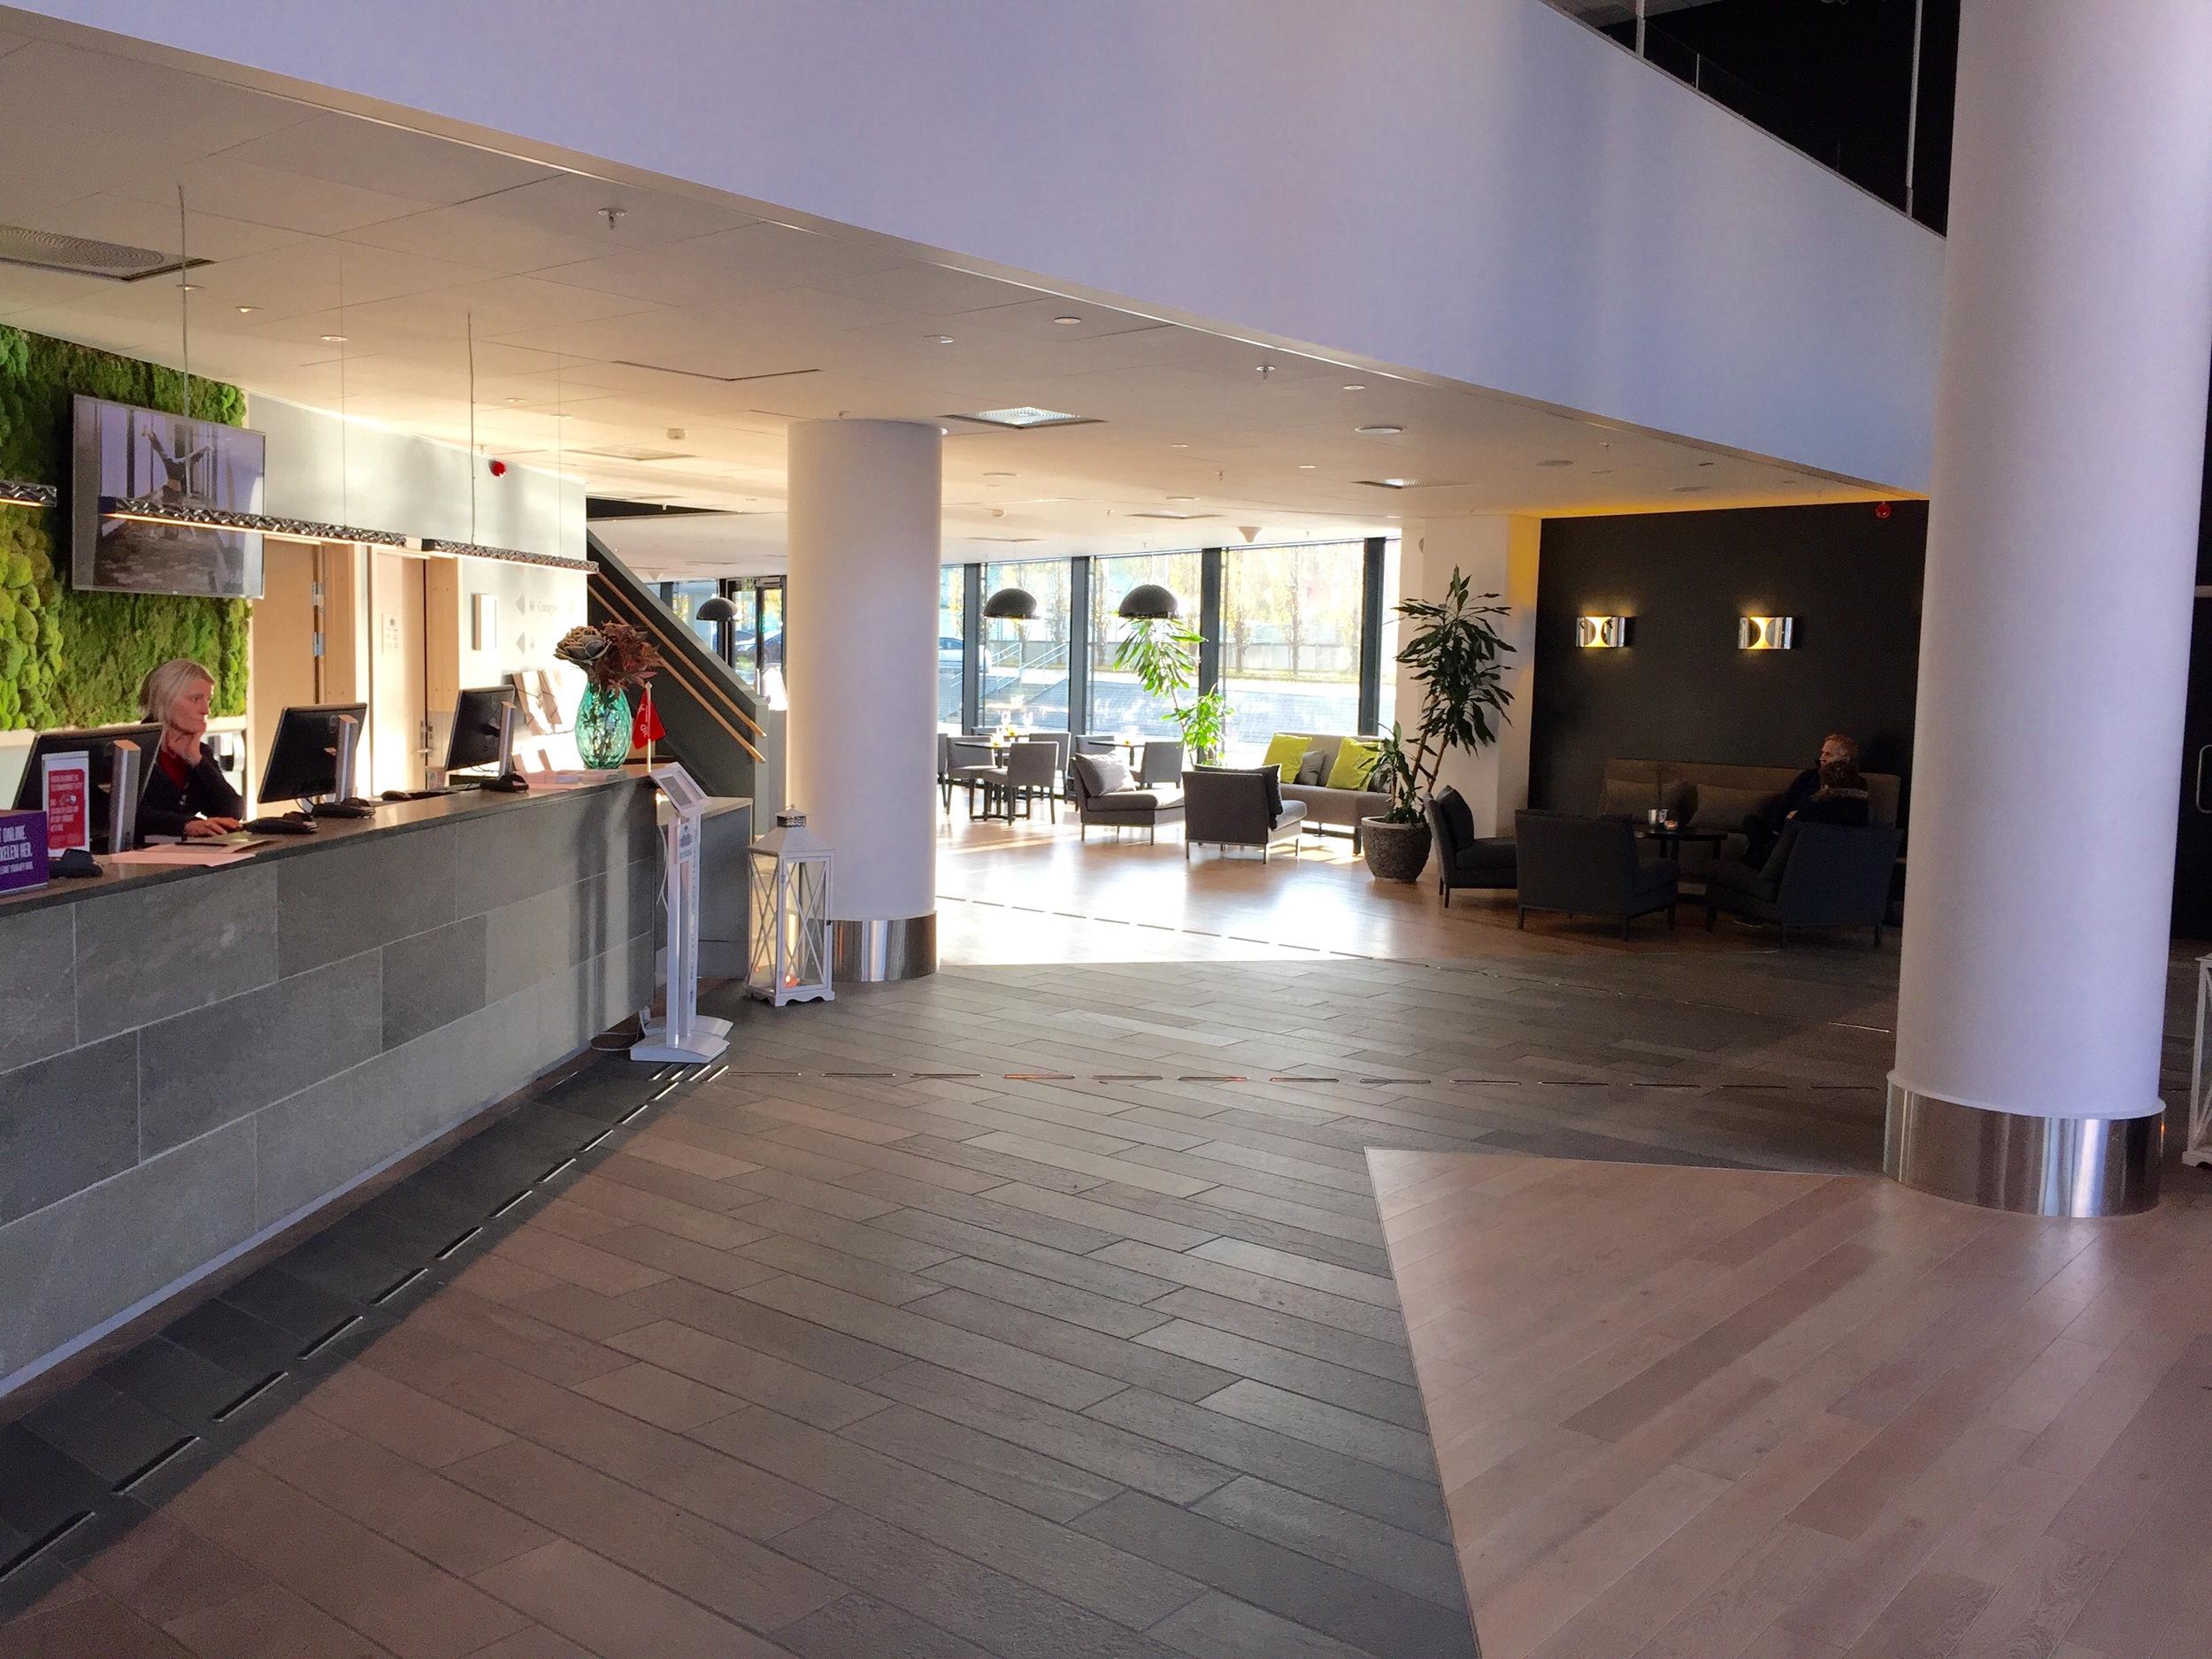 Vi velger gjerne samme hotell, men tenker ikke kjedetilknytning, viser ny undersøkelse. Foto: Odd Roar Lange